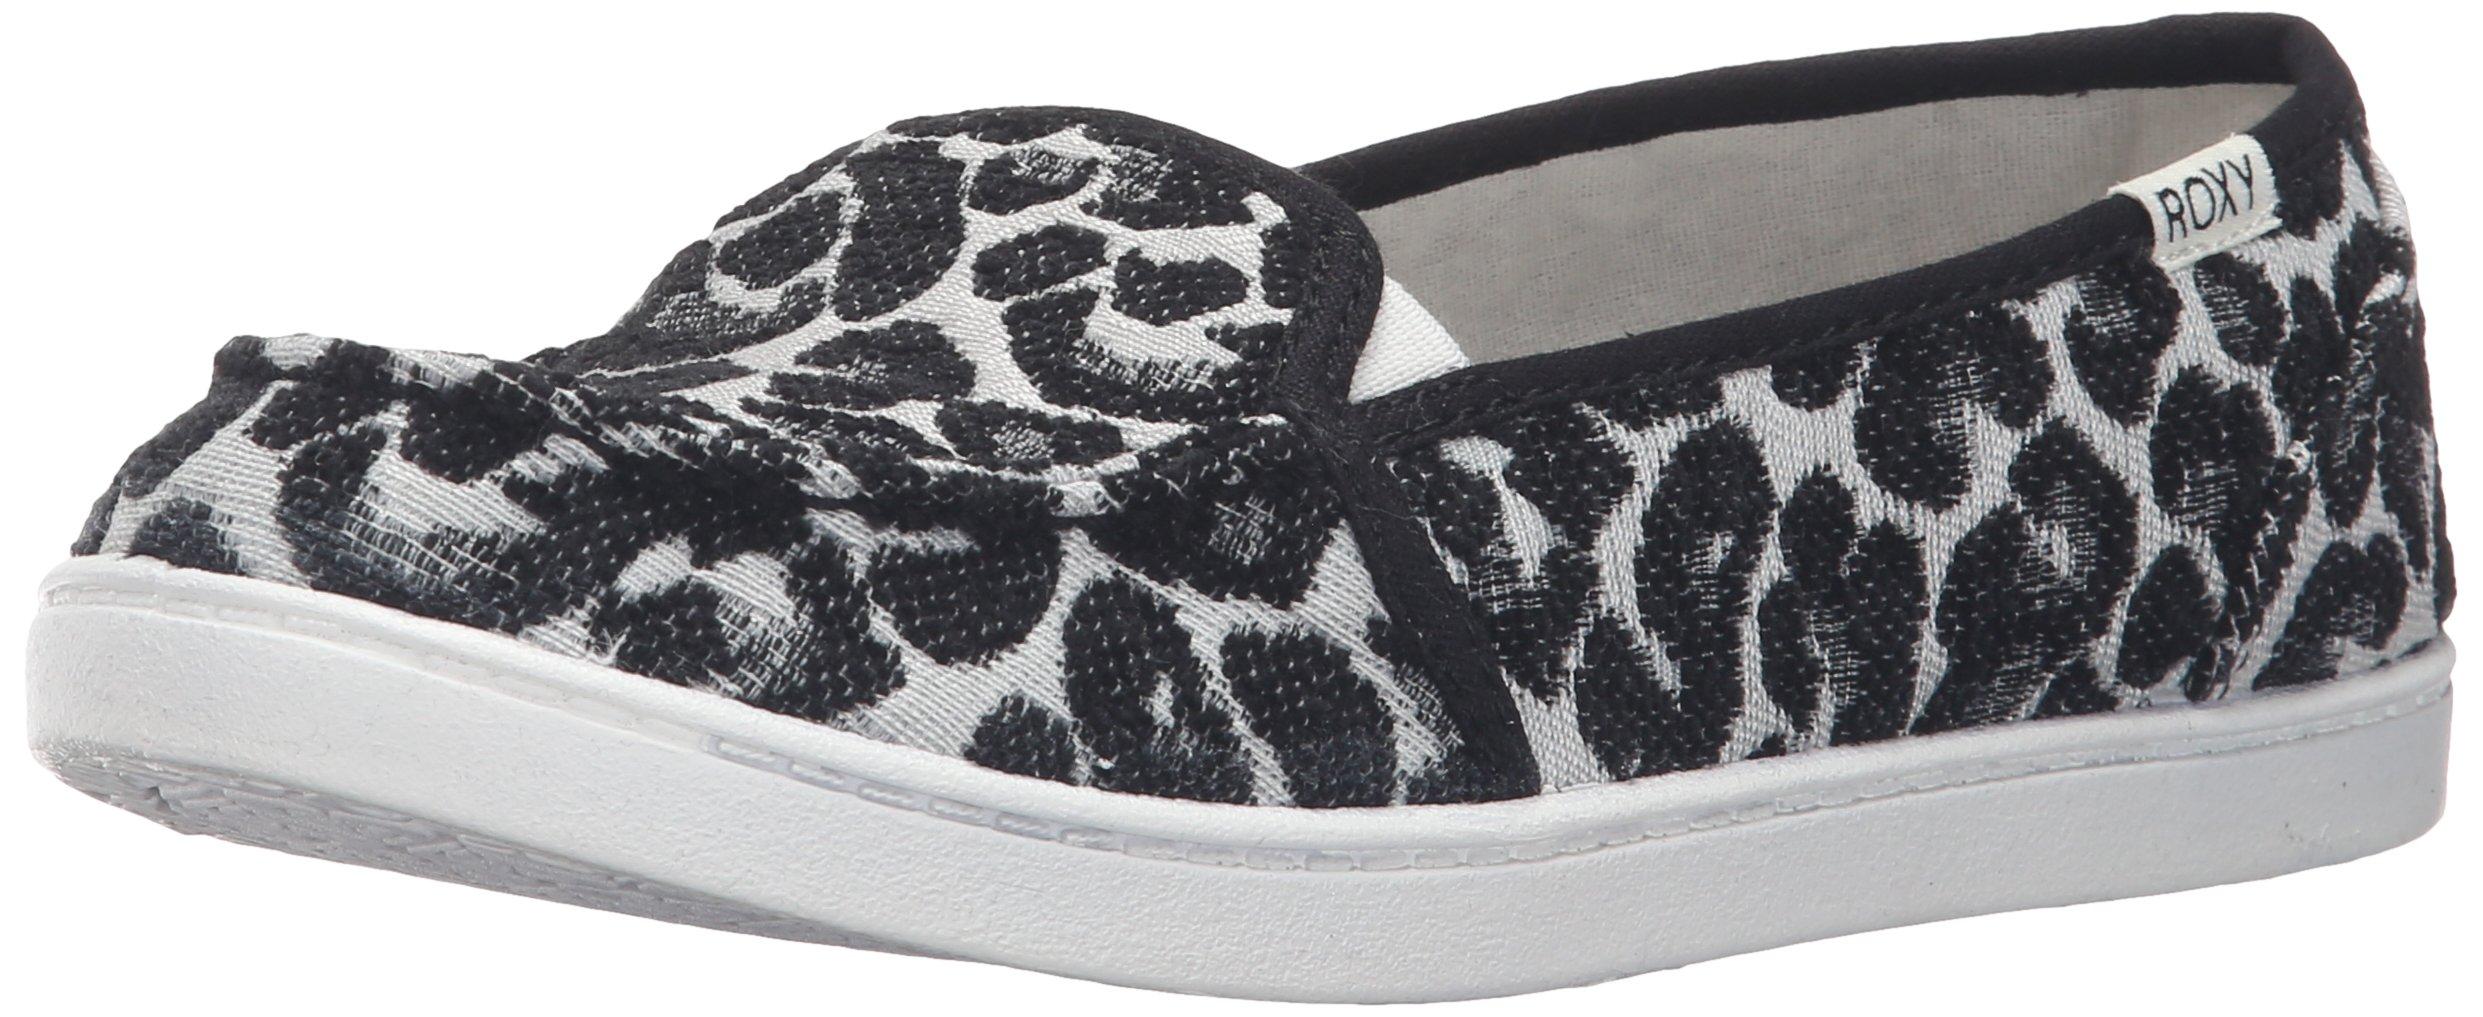 Roxy Women's Lido Iii Slip-on Shoes Flat, Black/Black/Dark Grey, 7 M US